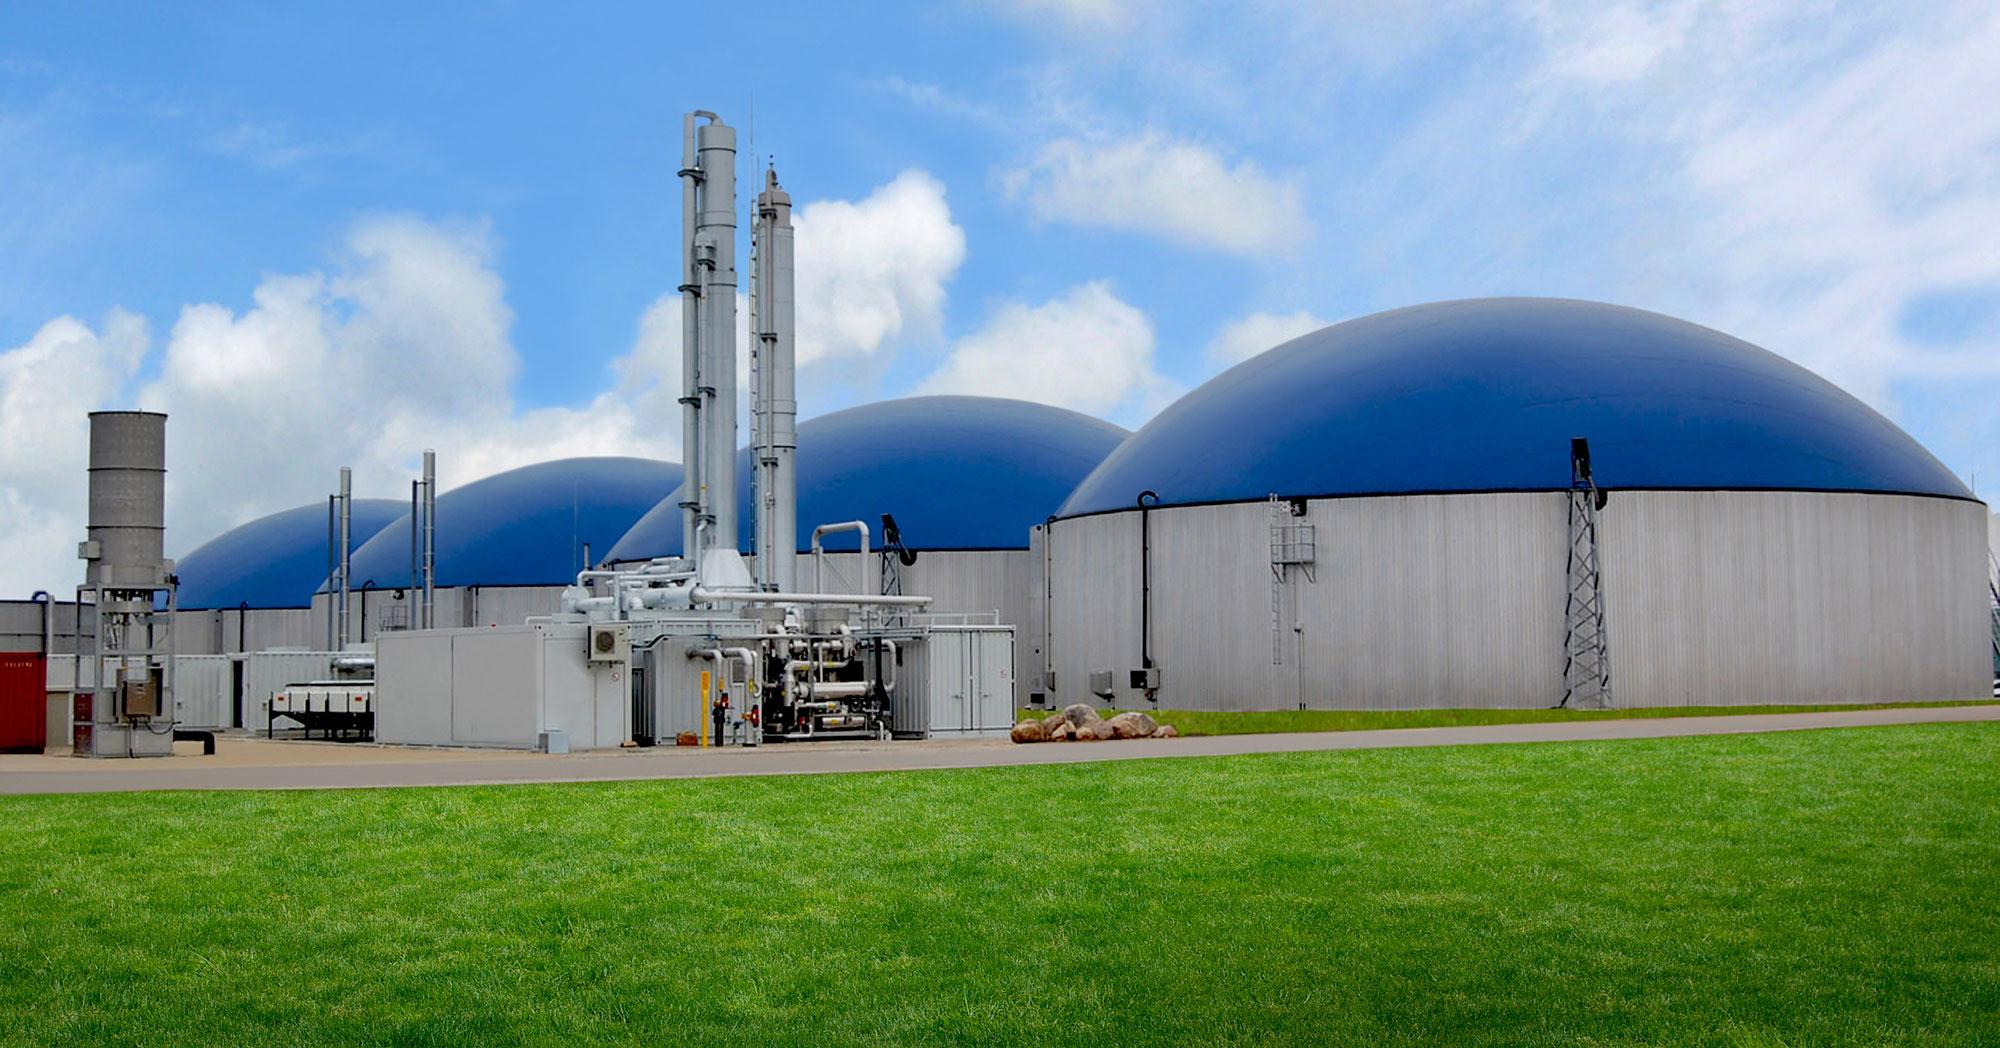 Η μεγαλύτερη μονάδα βιοαερίου της Ευρώπης είναι στα Βαλκάνια